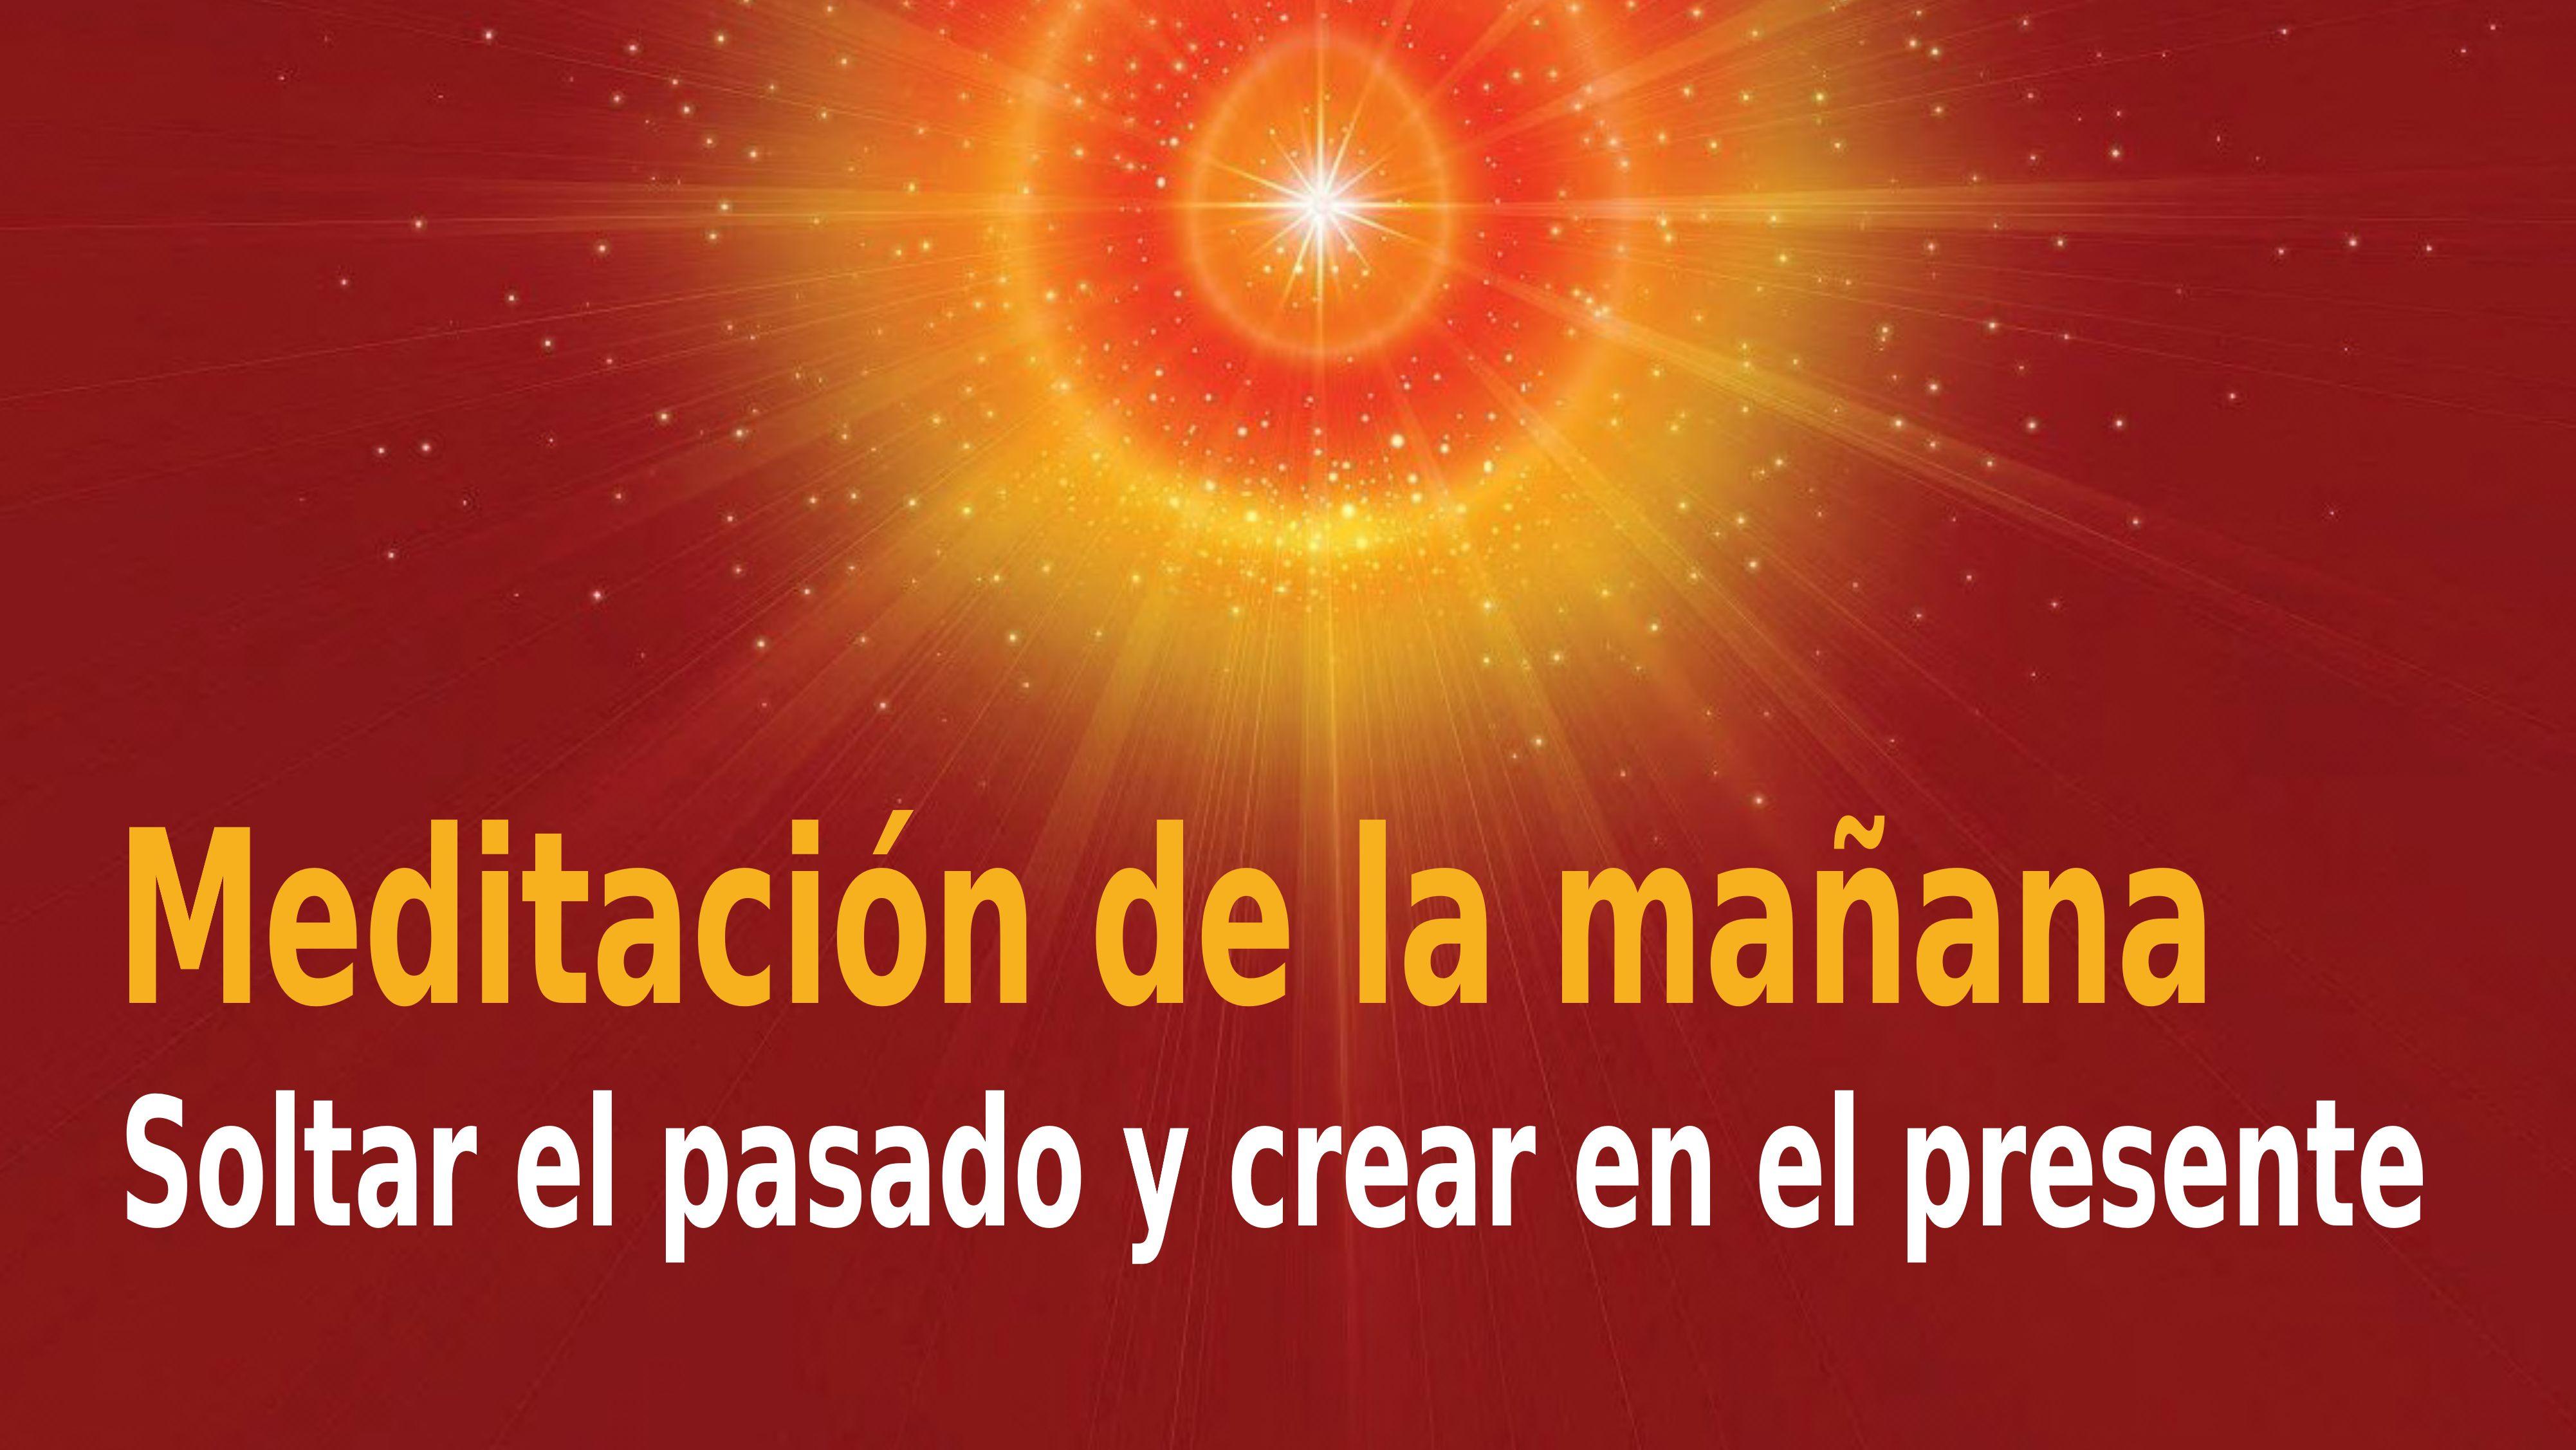 Meditación Raja Yoga de la mañana: Soltar el pasado y crear en el presente (21 Noviembre 2020)